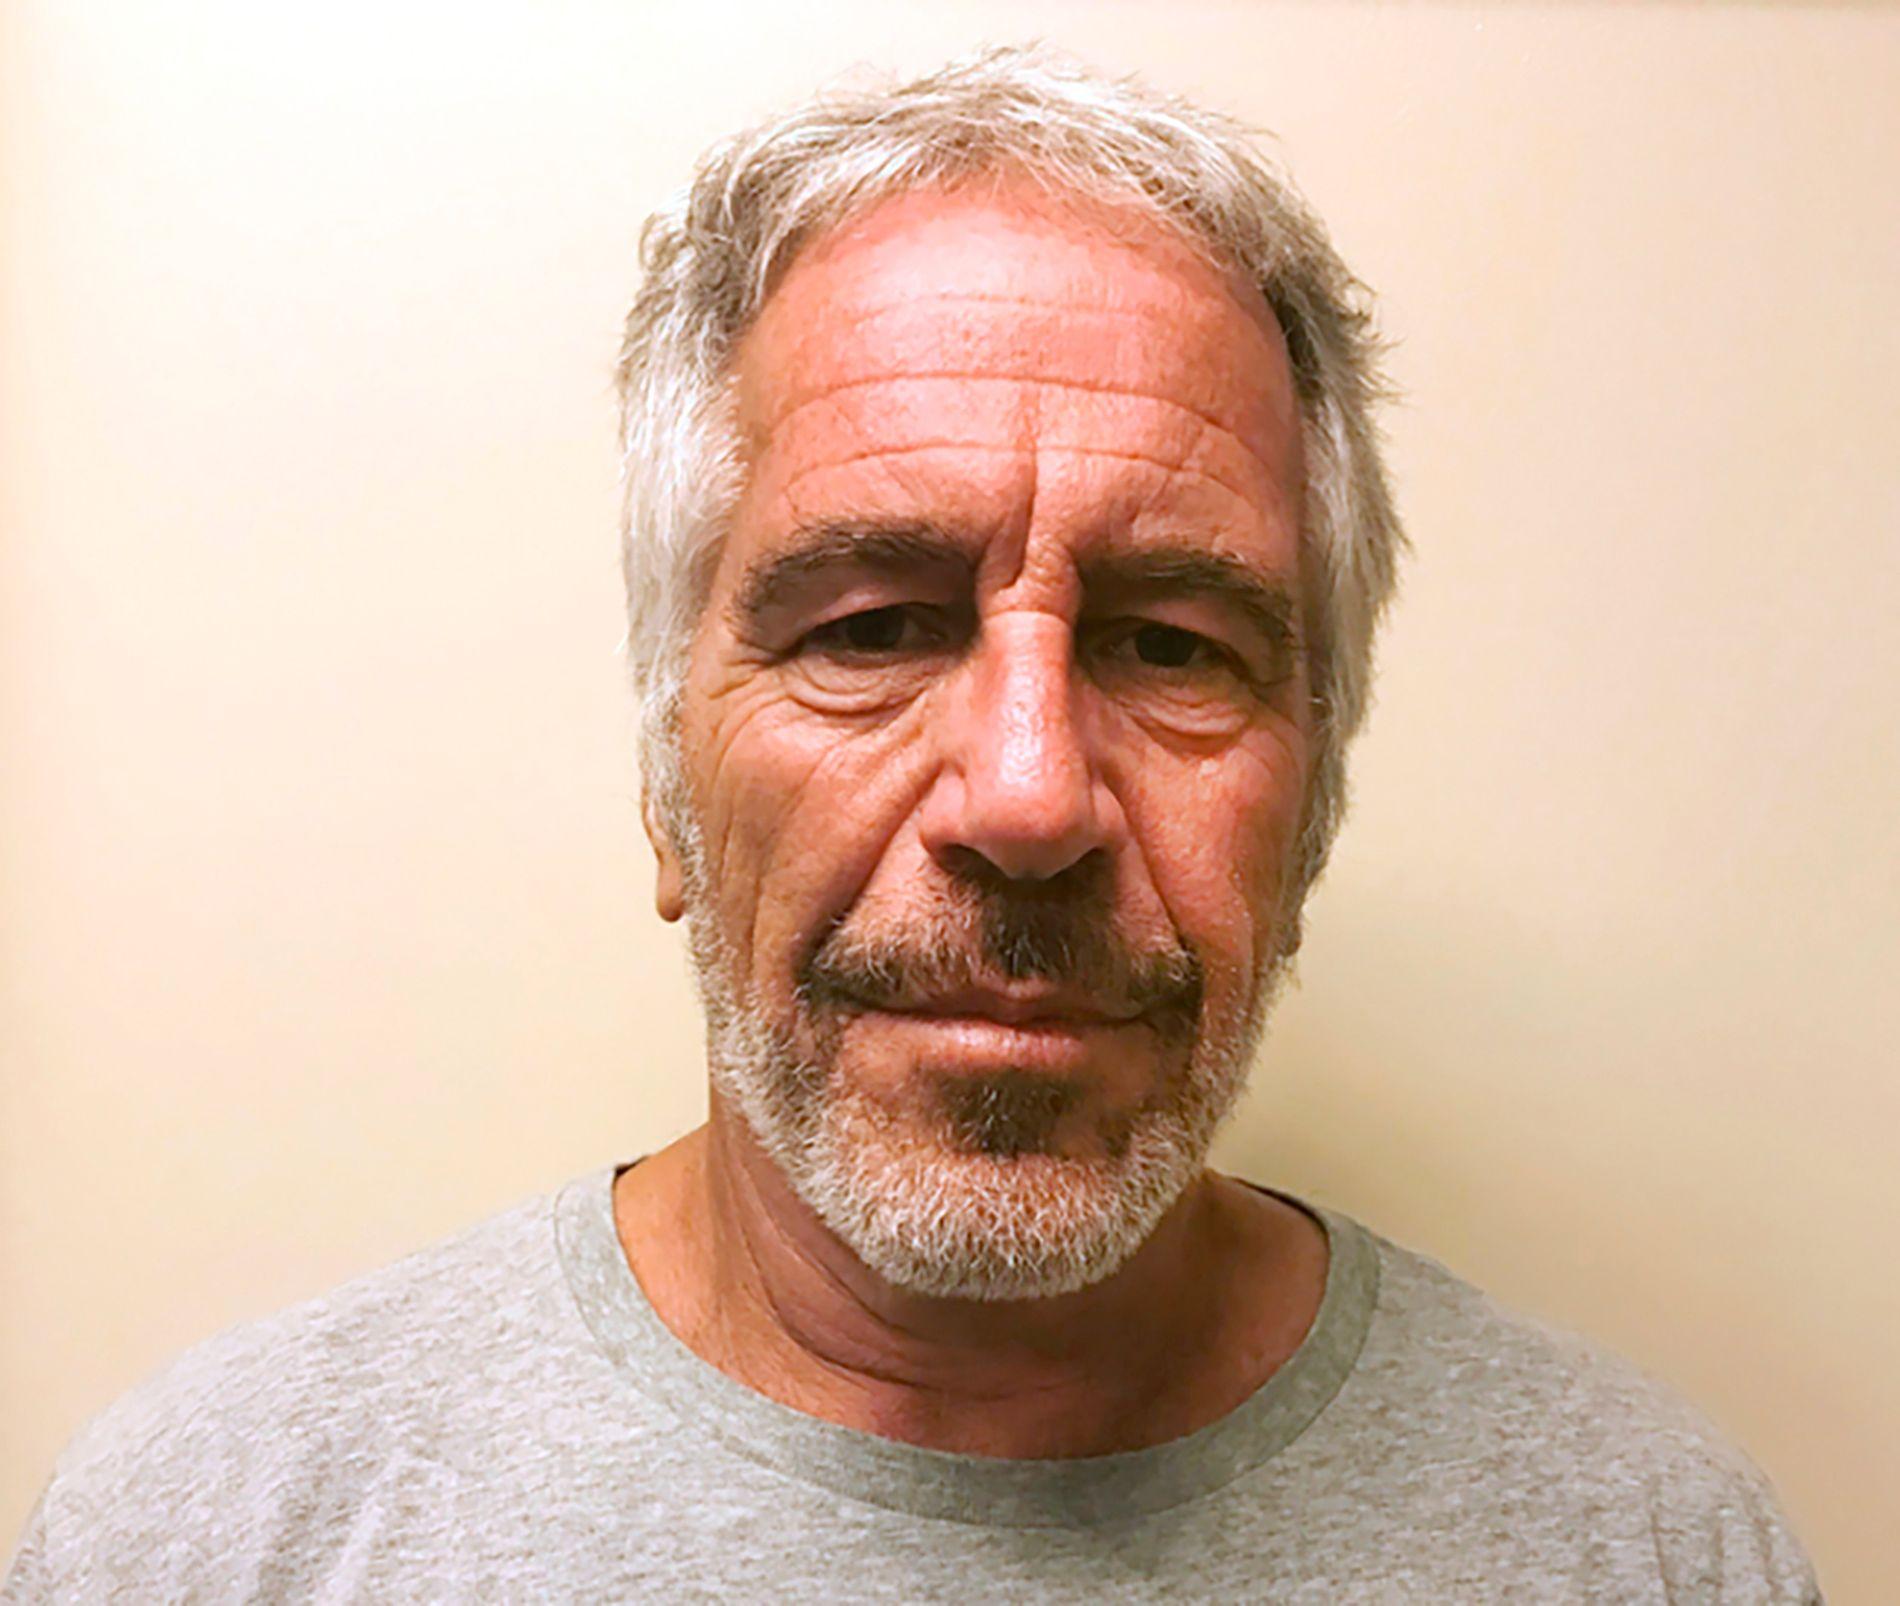 Avdøde Jeffrey Epstein hadde brukne ben i nakken og halsen da han ble funnet død i varetektsfengslet i New York lørdag, opplyser kilder til to amerikanske aviser fredag.